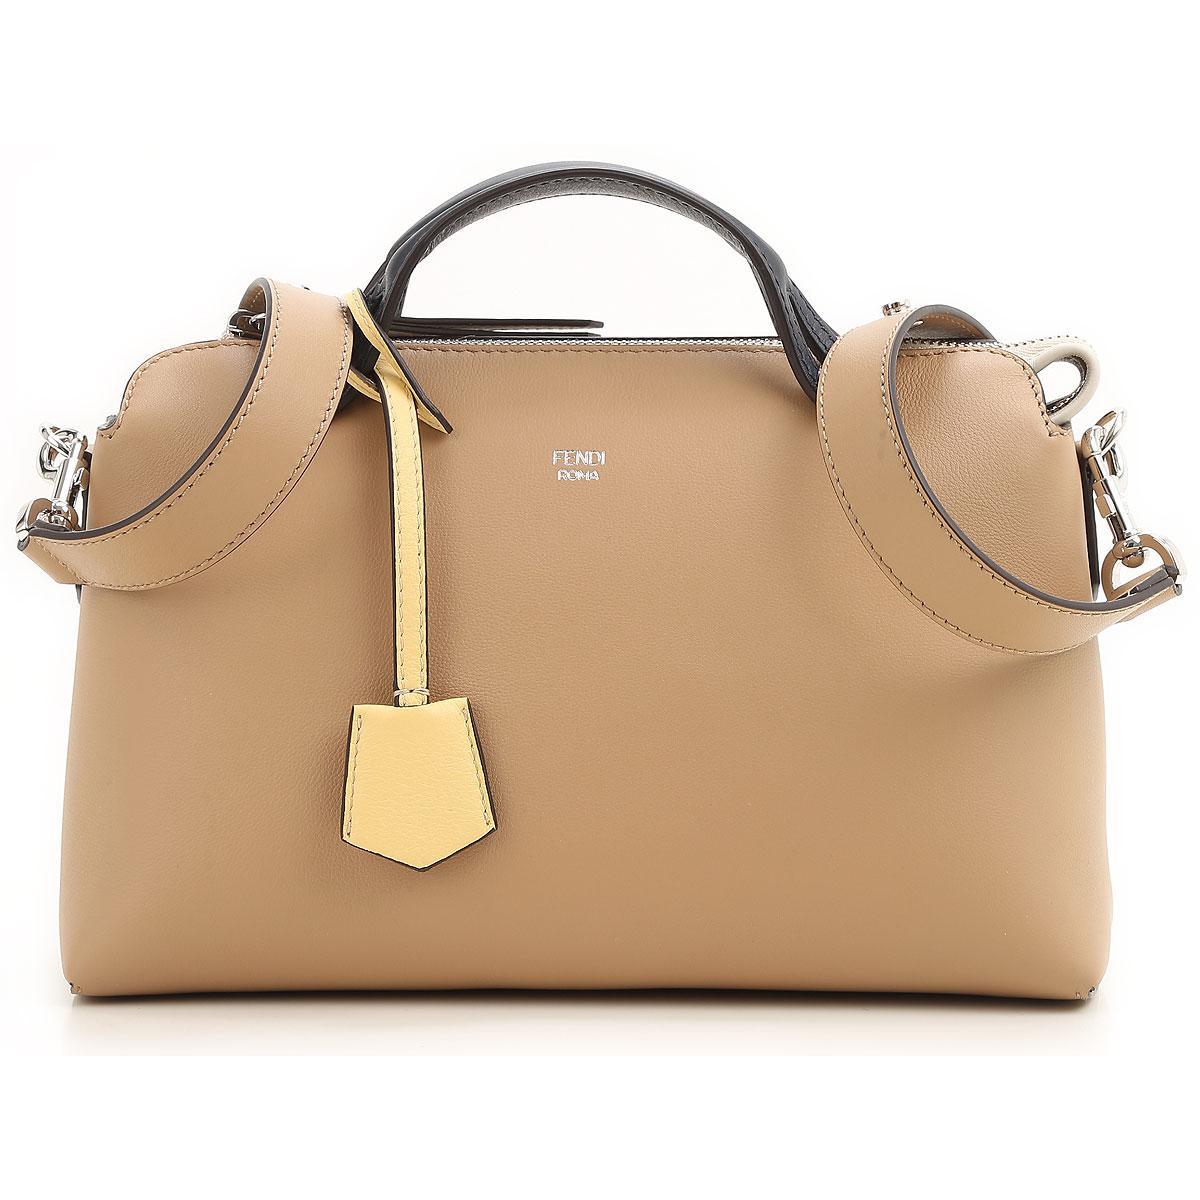 2e1e95e1c724 Lyst - Fendi Handbags